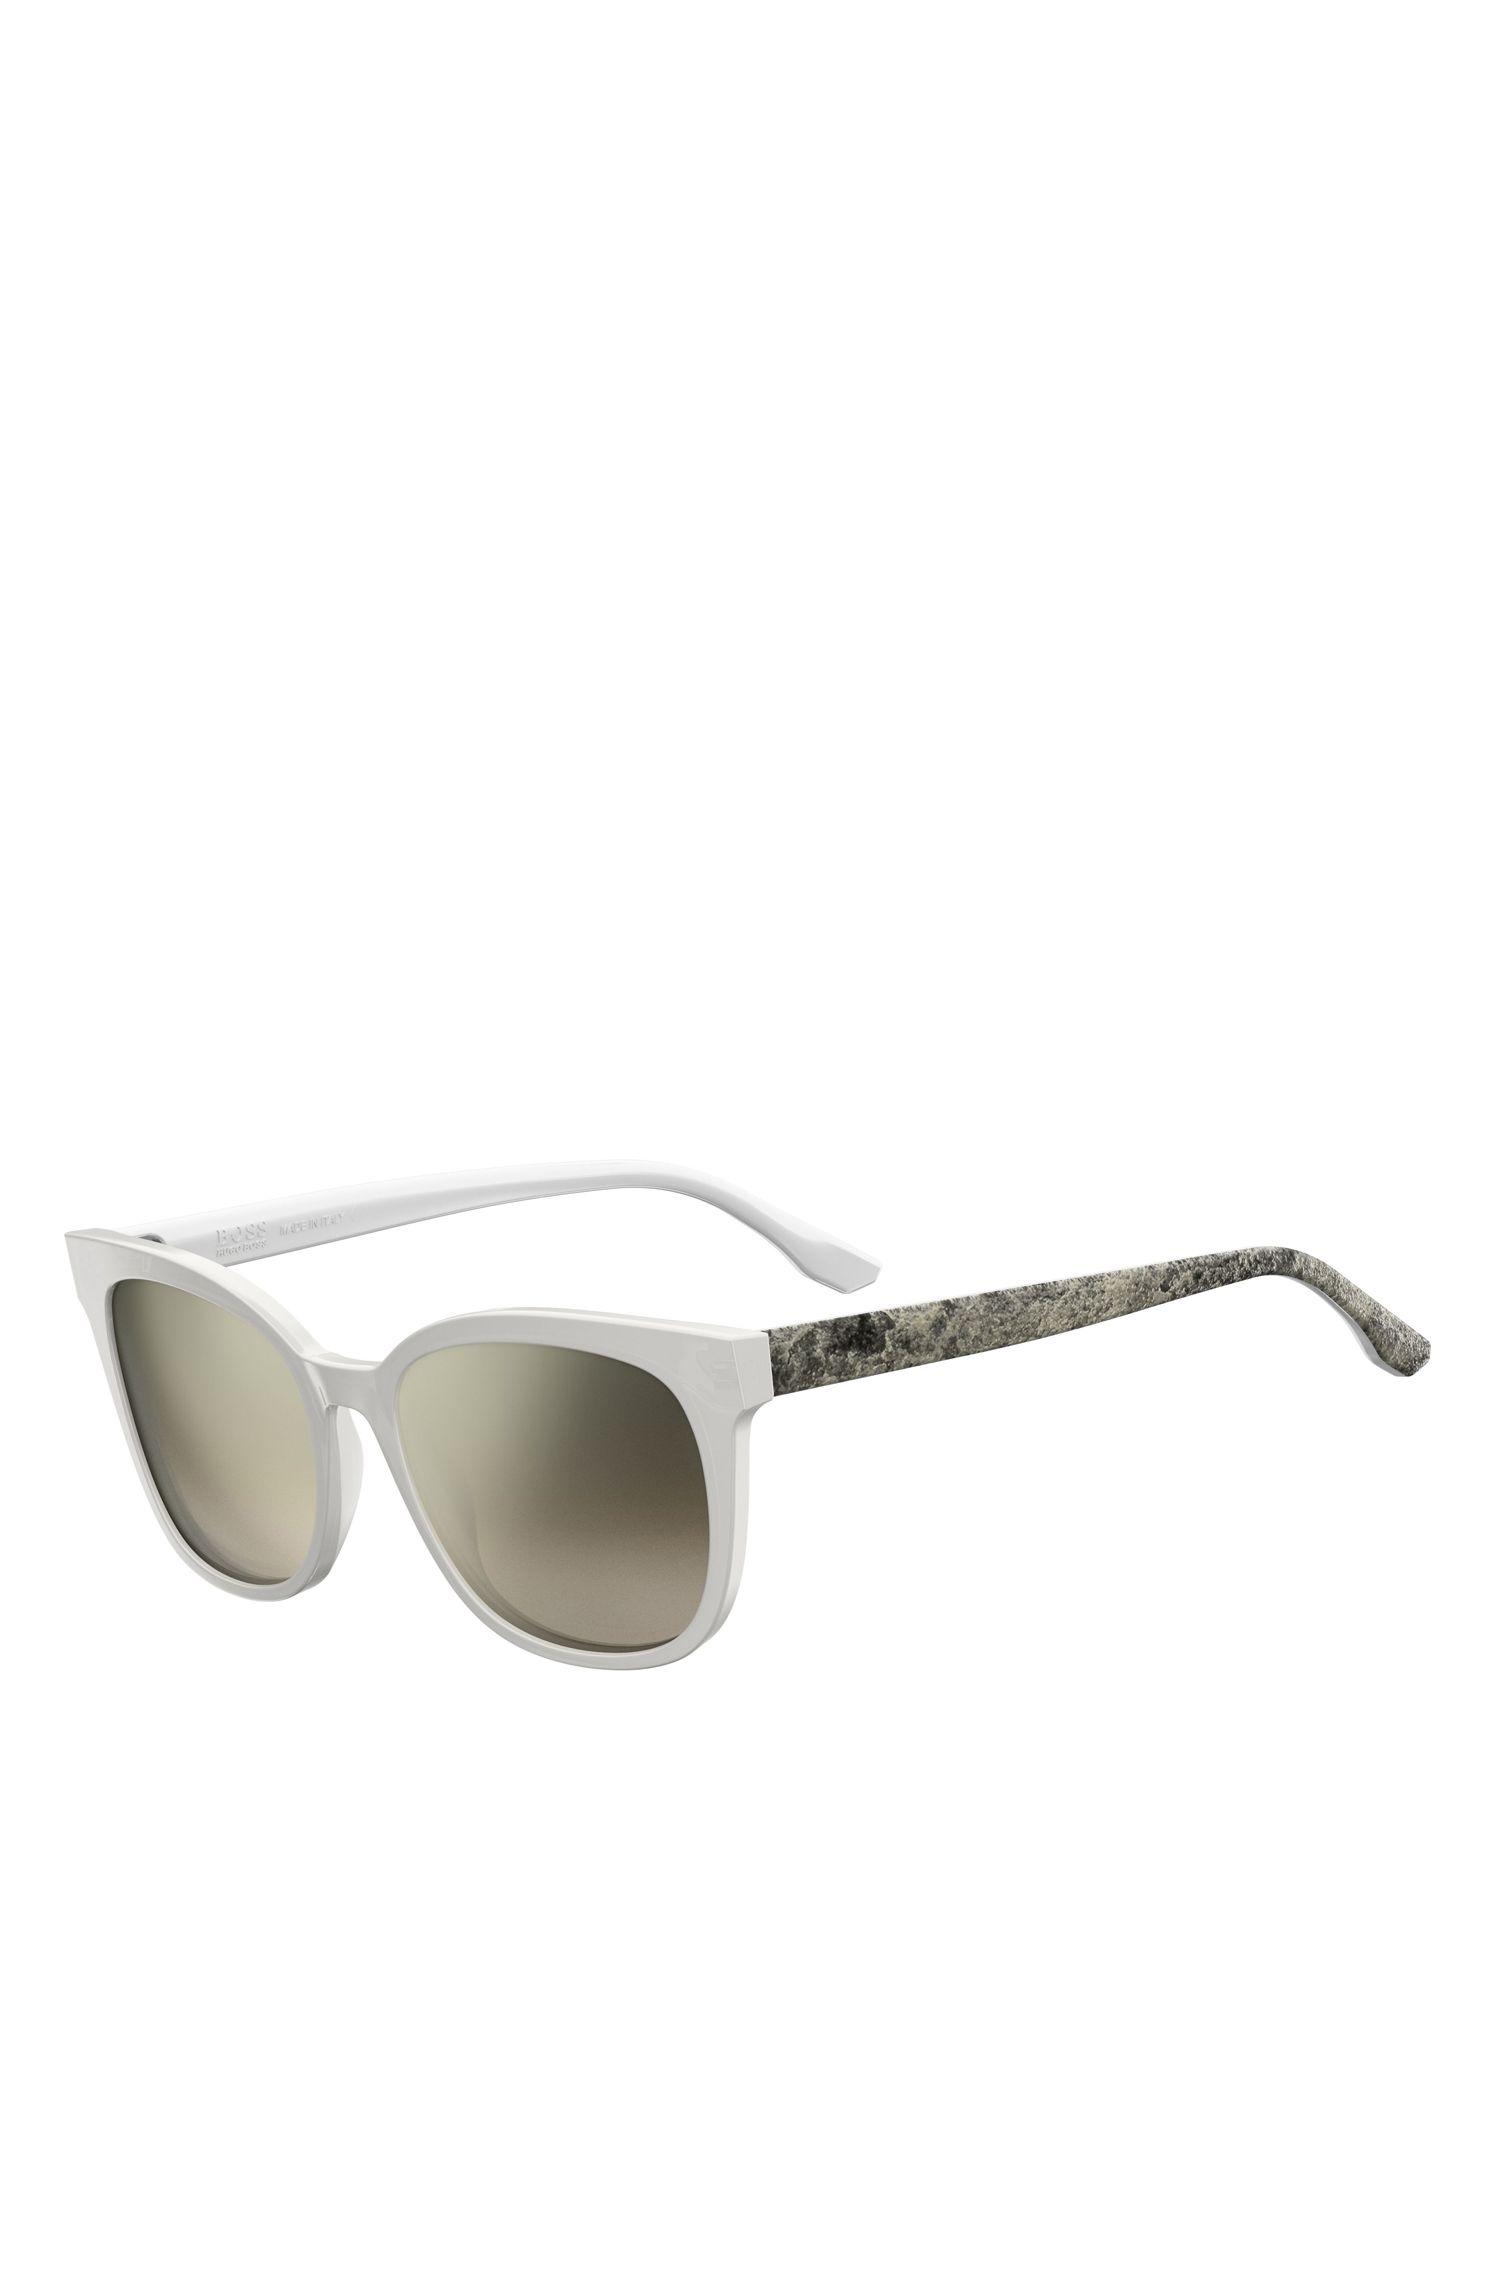 'BOSS 0893' | White Acetate Round Sunglasses